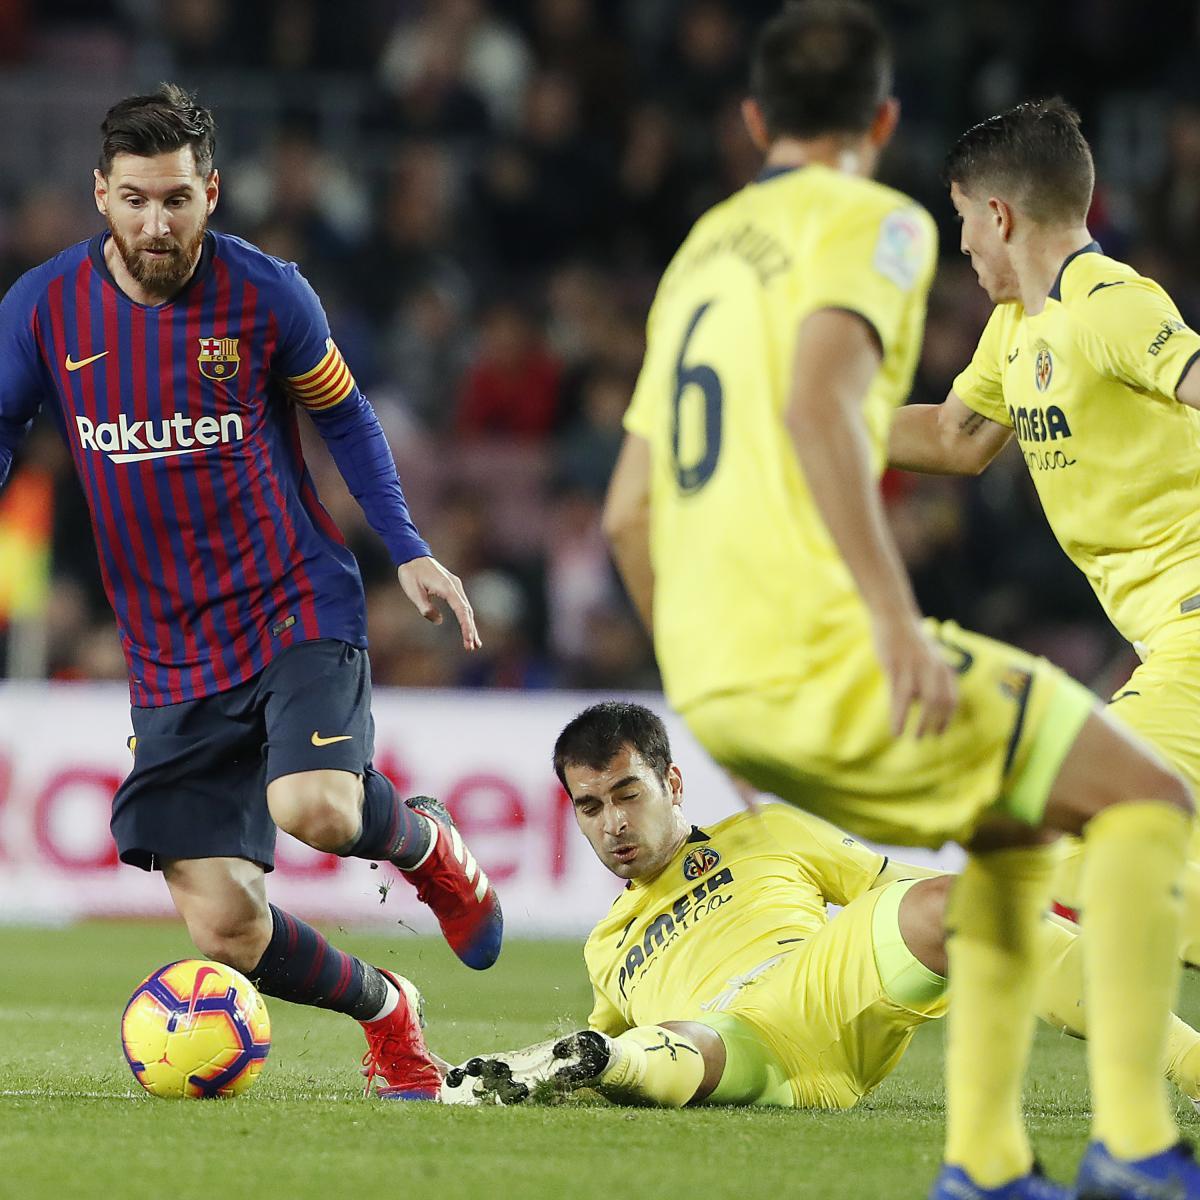 Celta Vigo Vs Barcelona Score Prediction: Villarreal Vs. Barcelona: Odds, Preview, Live Stream, TV